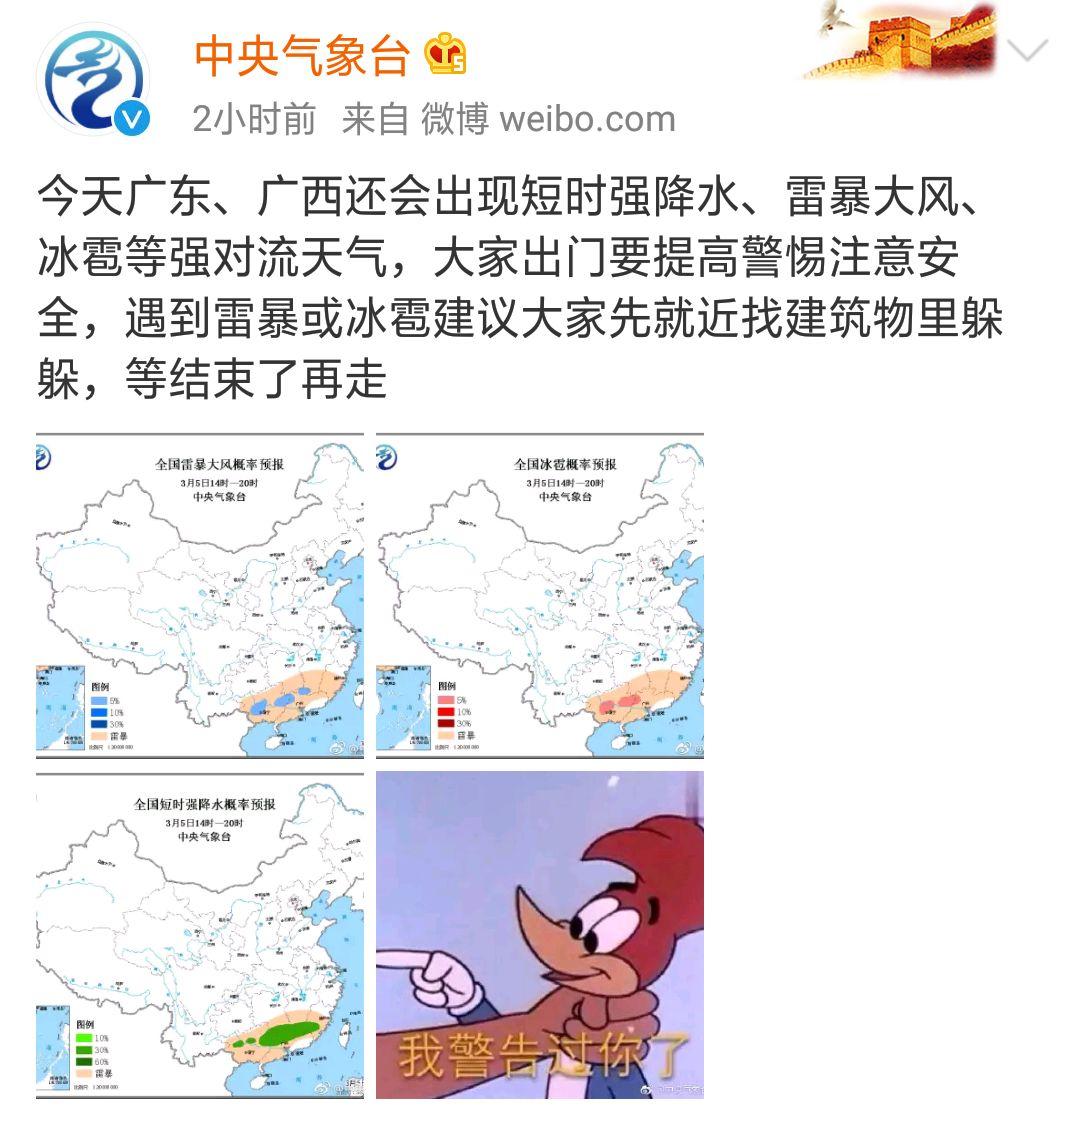 突发!刚刚广东地震了! 7级妖风+雷暴雨也将持续来袭 ! 让人崩溃的一周…插图30